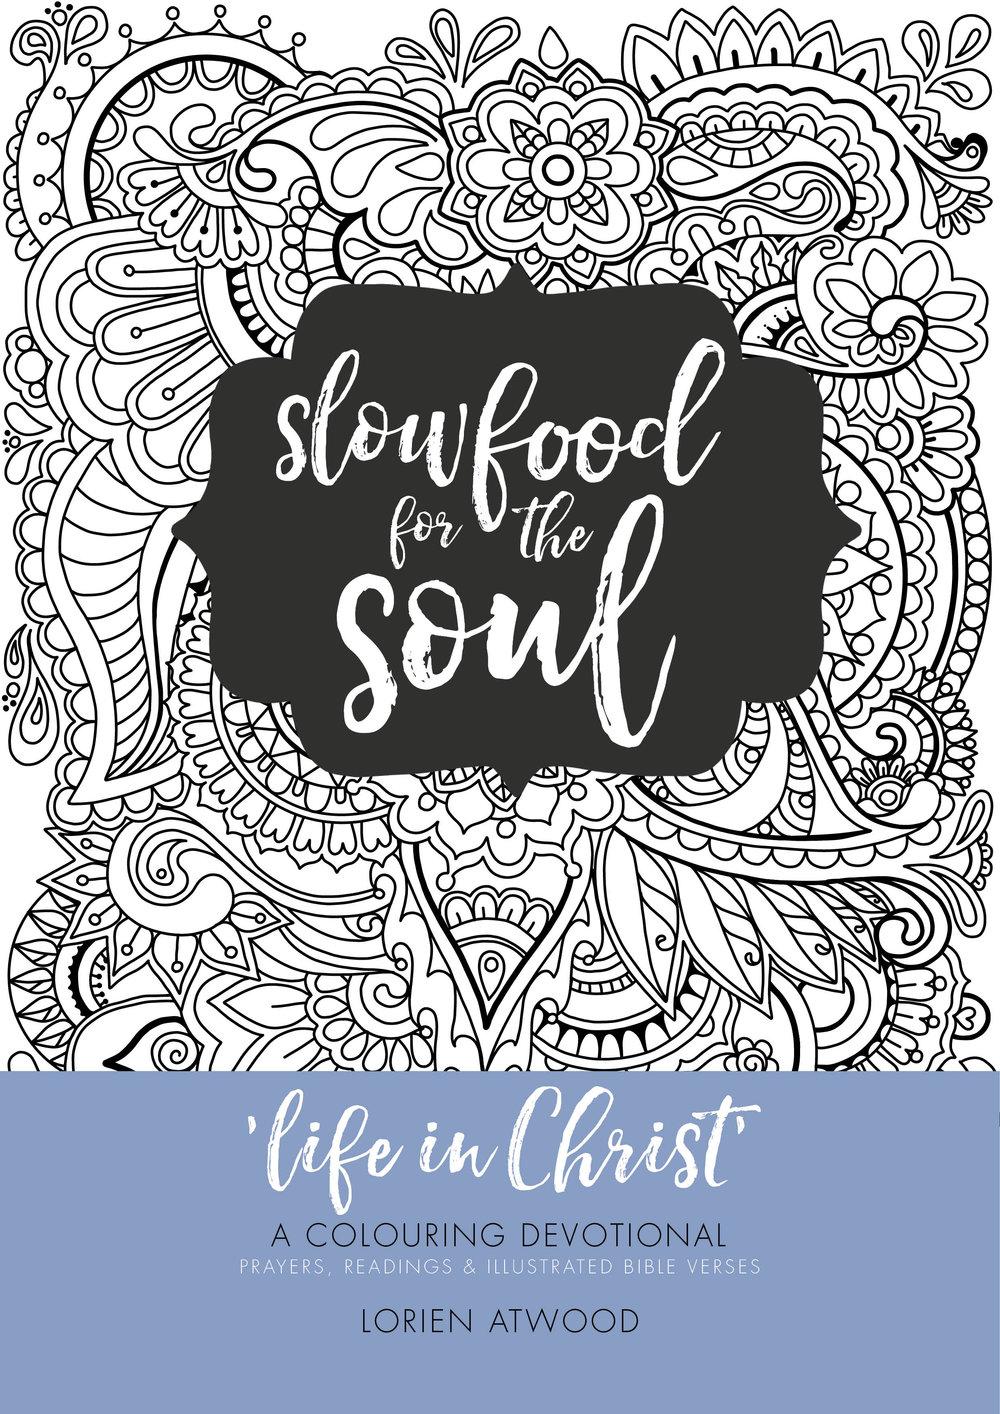 Life in Christ.jpg